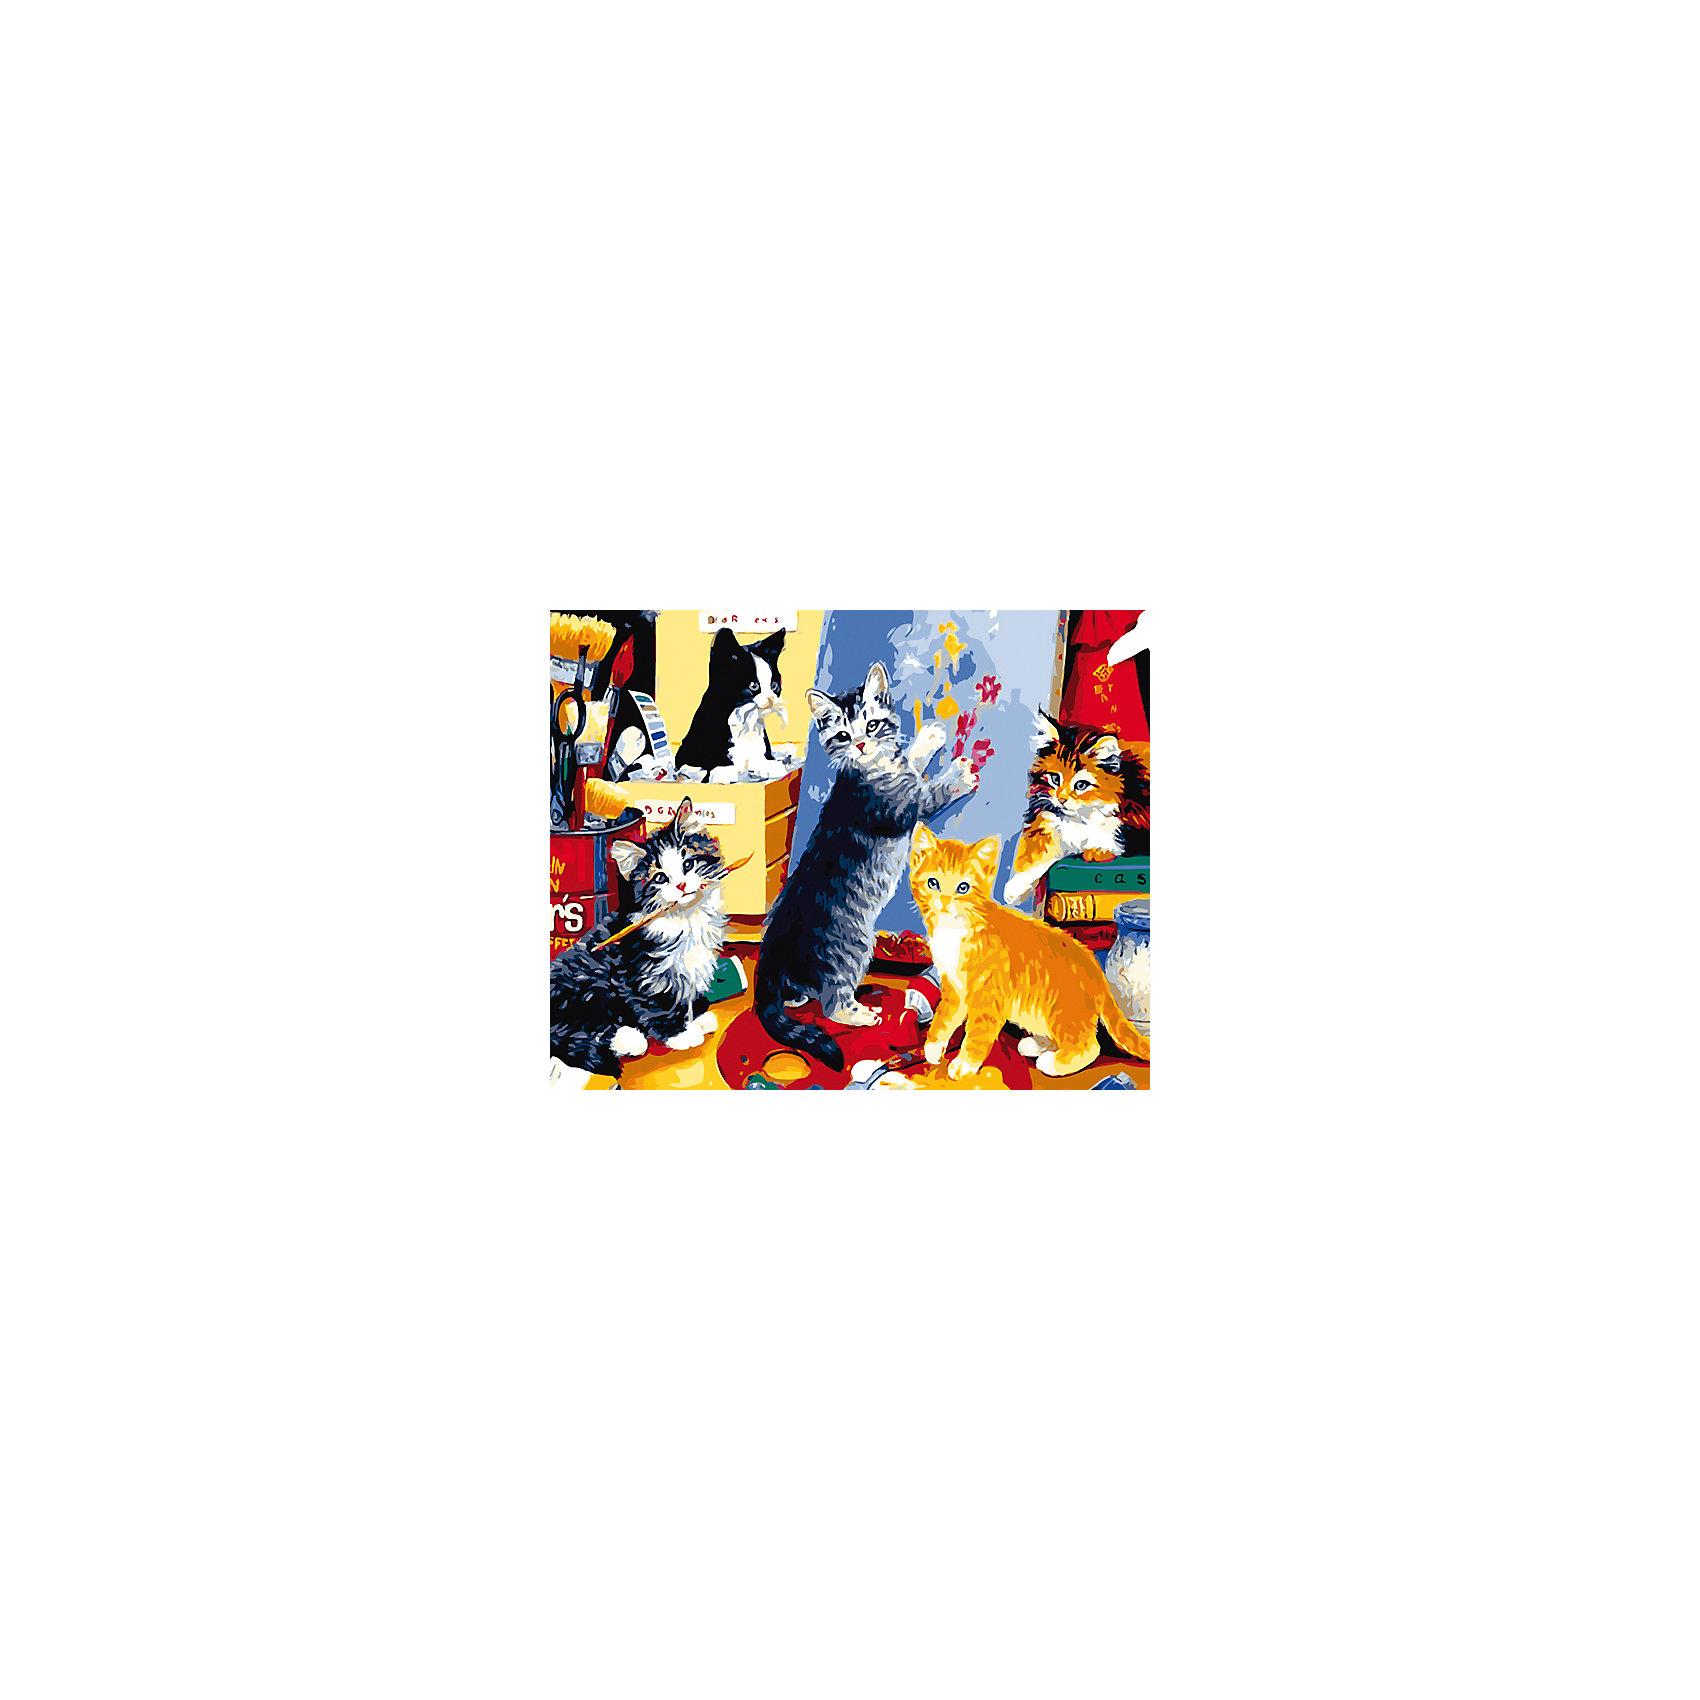 Холст с красками по номерам Игривые котята 40х50 смРисование<br>замечательные наборы для создания уникального шедевра изобразительного искусства. Создание картин на специально подготовленной рабочей поверхности – это уникальная техника, позволяющая делать Ваши шедевры более яркими и реалистичными. Просто нанесите мазки на уже готовый эскиз и оживите картину! Готовые изделия могут стать украшением интерьера или прекрасным подарком близким и друзьям.<br><br>Ширина мм: 510<br>Глубина мм: 410<br>Высота мм: 25<br>Вес г: 900<br>Возраст от месяцев: 36<br>Возраст до месяцев: 108<br>Пол: Унисекс<br>Возраст: Детский<br>SKU: 5096769